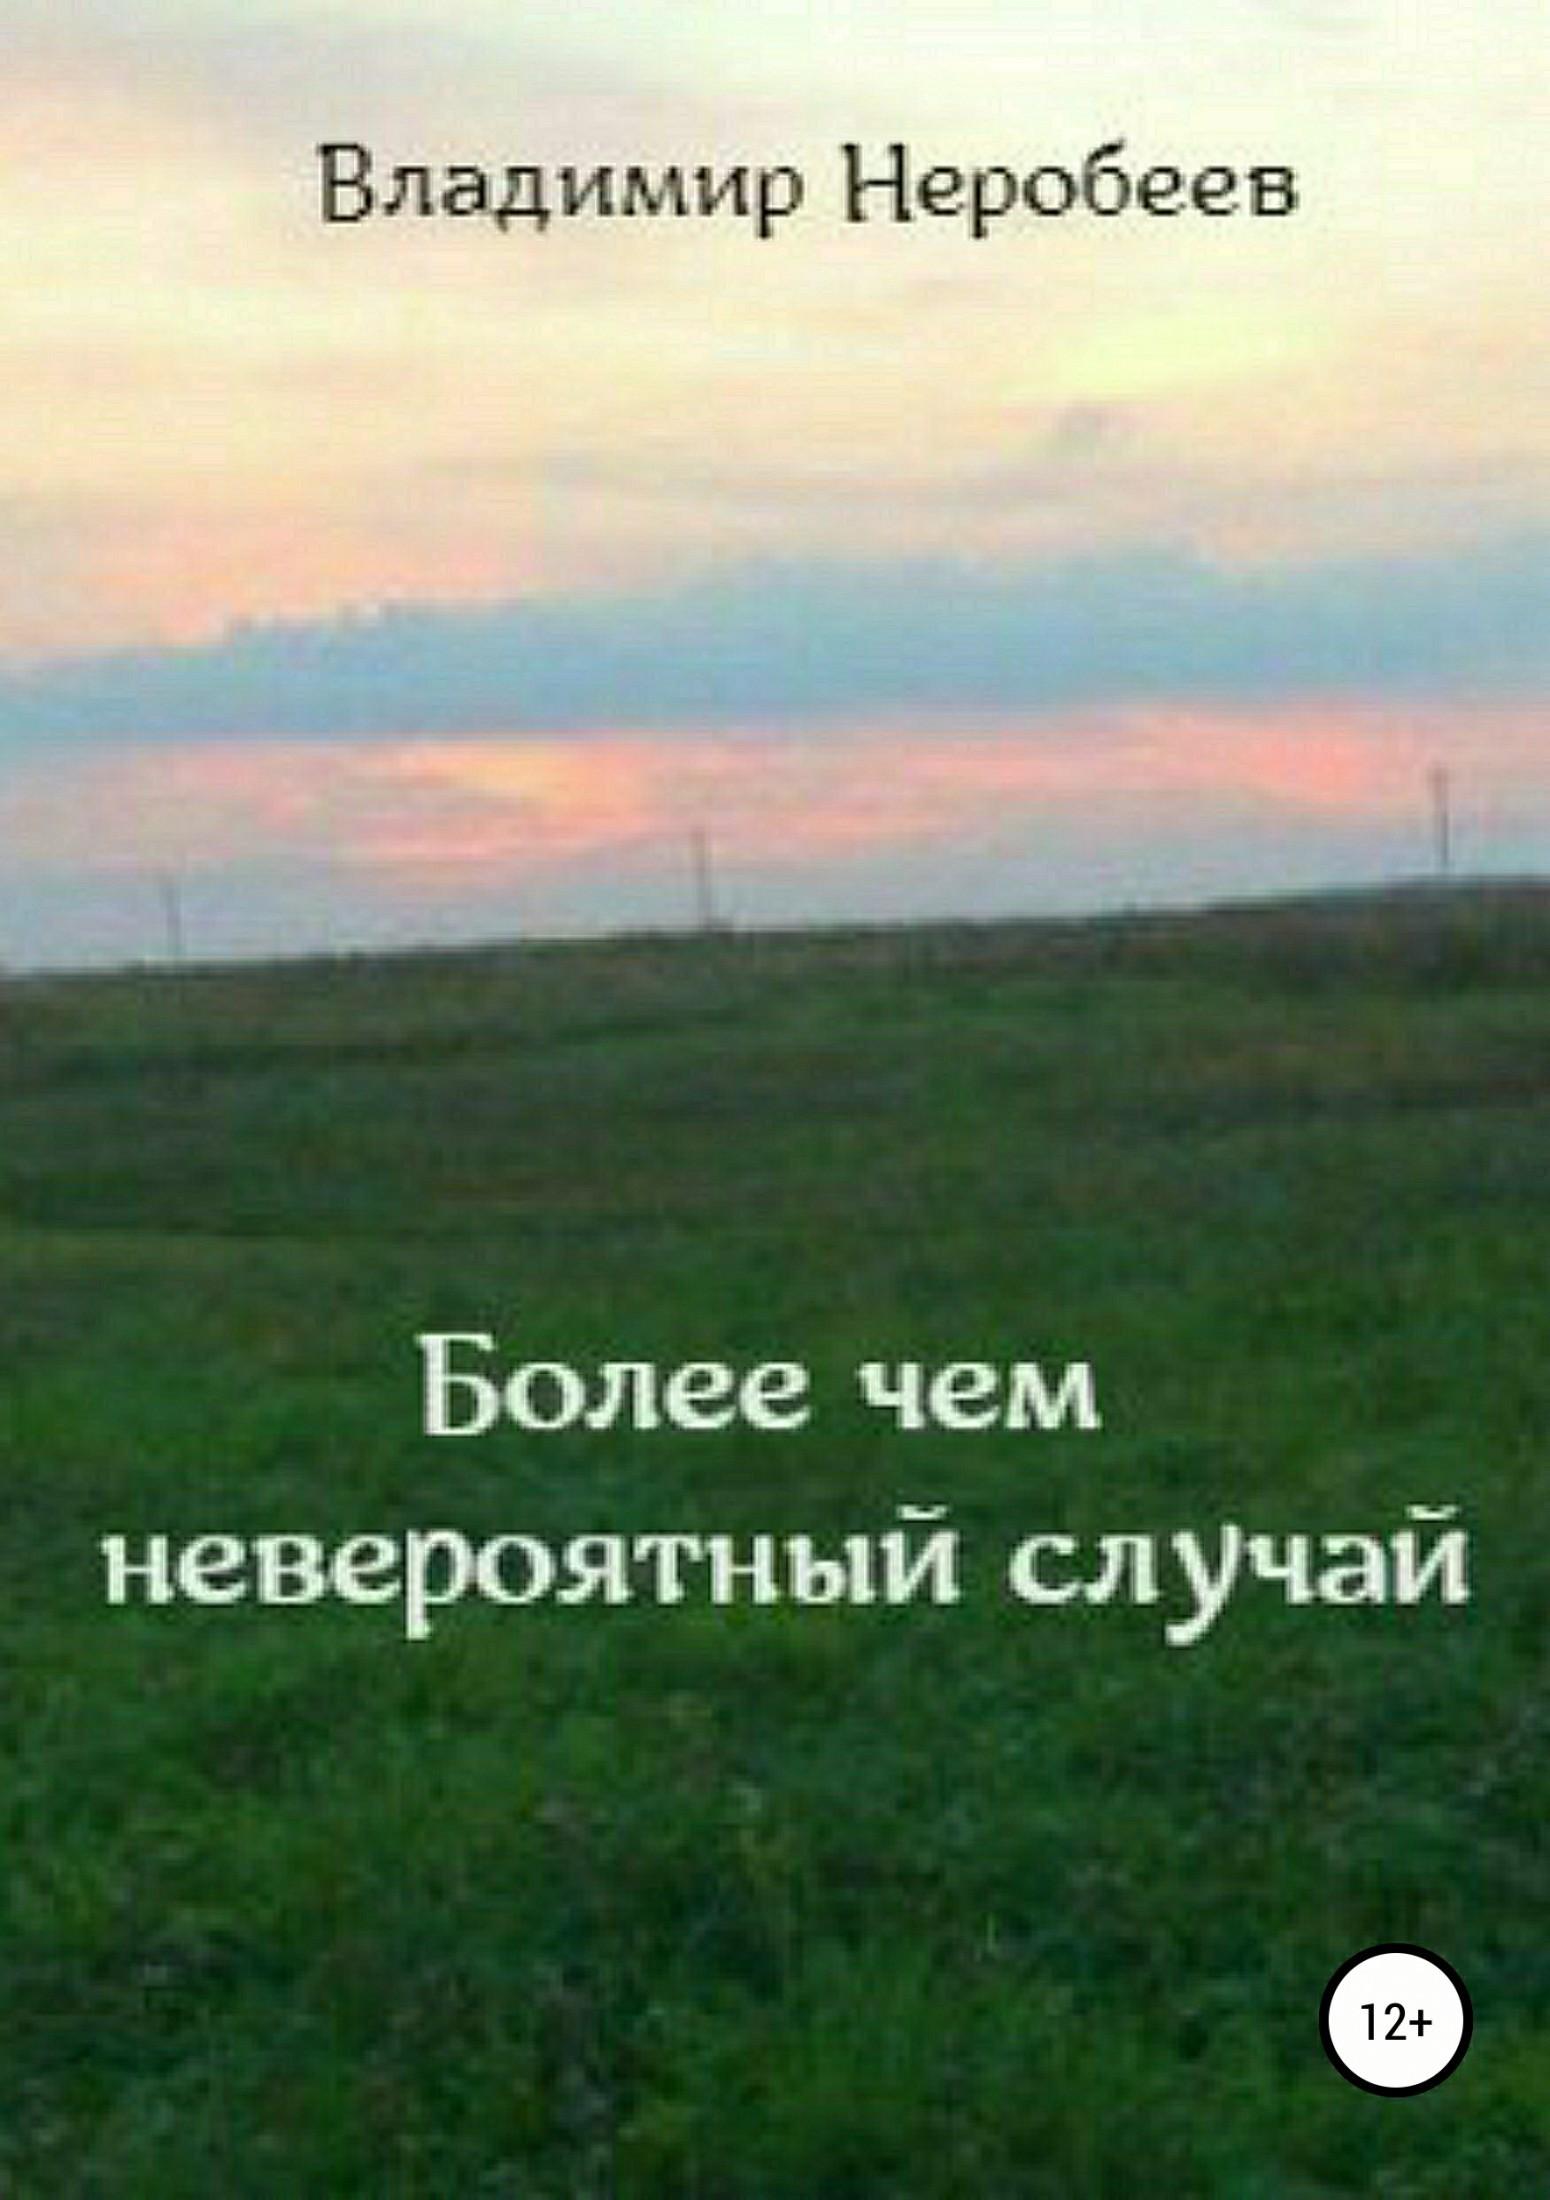 Владимир Сергеевич Неробеев Более чем невероятный случай александр евгеньевич никифоров вот был случай сборник рассказов